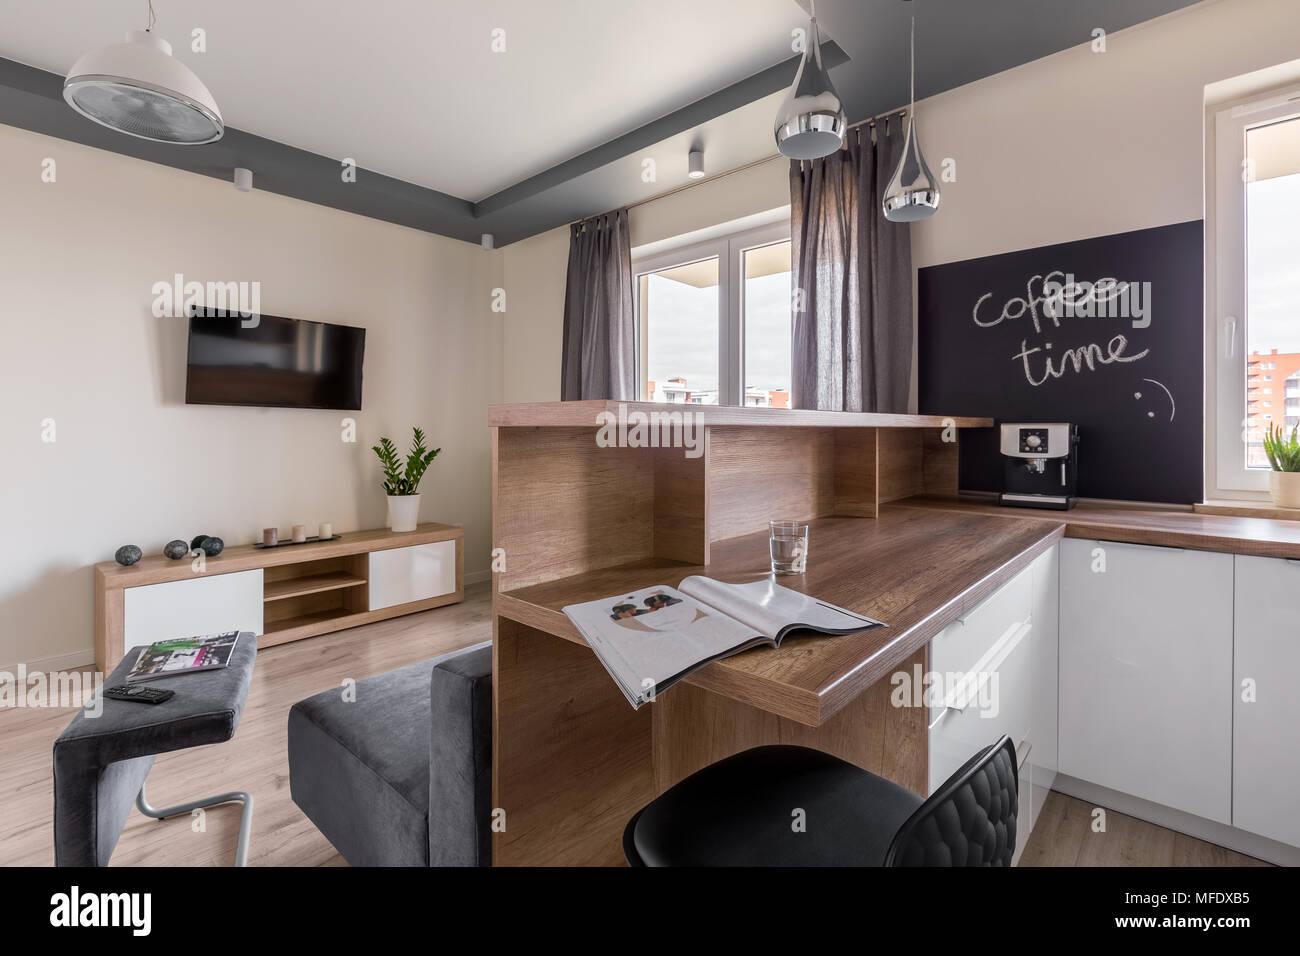 Modernes Apartment Mit Kuche Offen Zum Wohnzimmer Stockfoto Bild